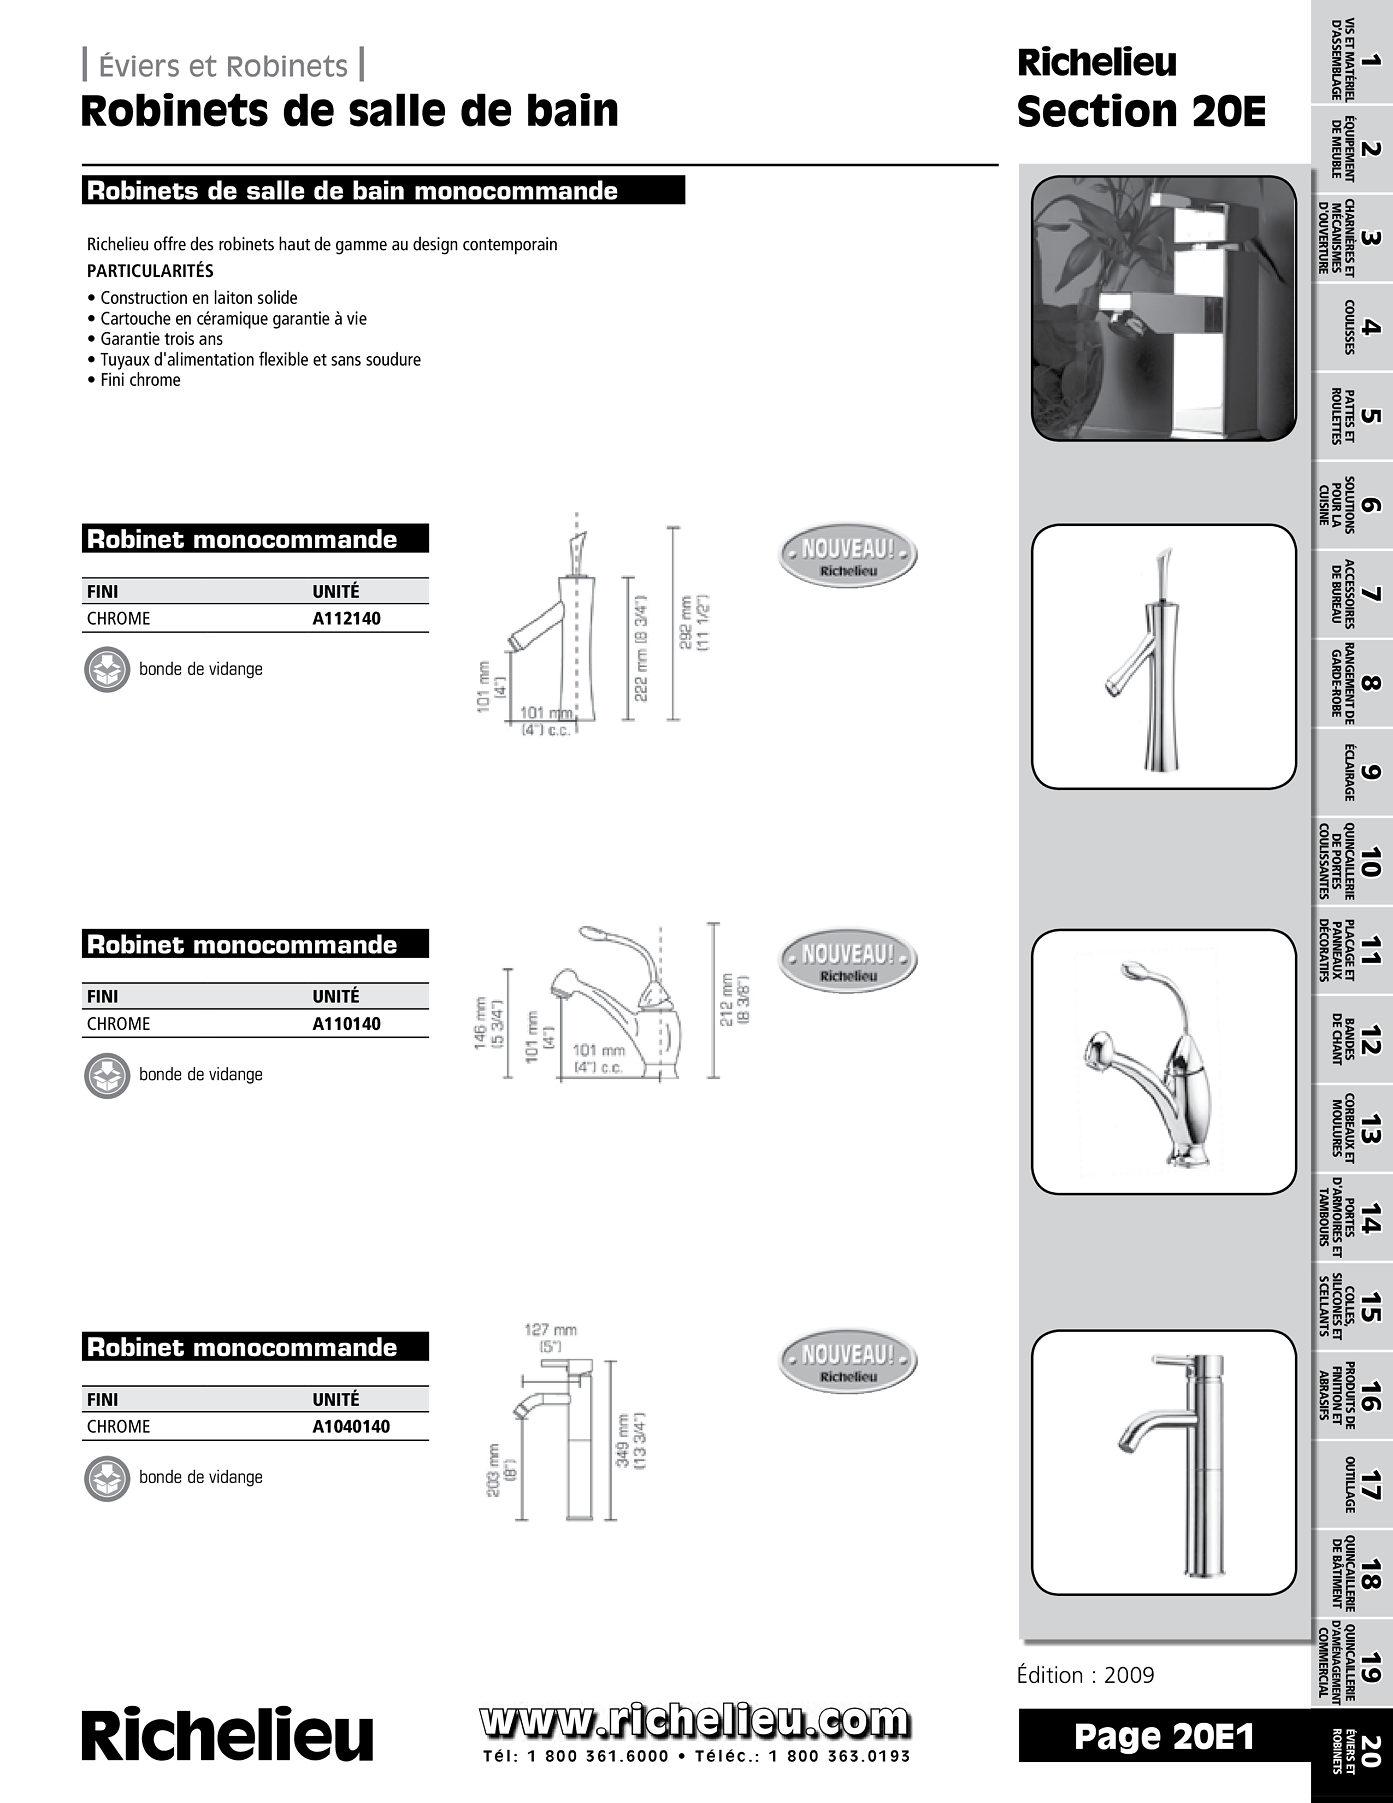 librairie des catalogues richelieu robinets de salle de bain page 1 quincaillerie richelieu. Black Bedroom Furniture Sets. Home Design Ideas